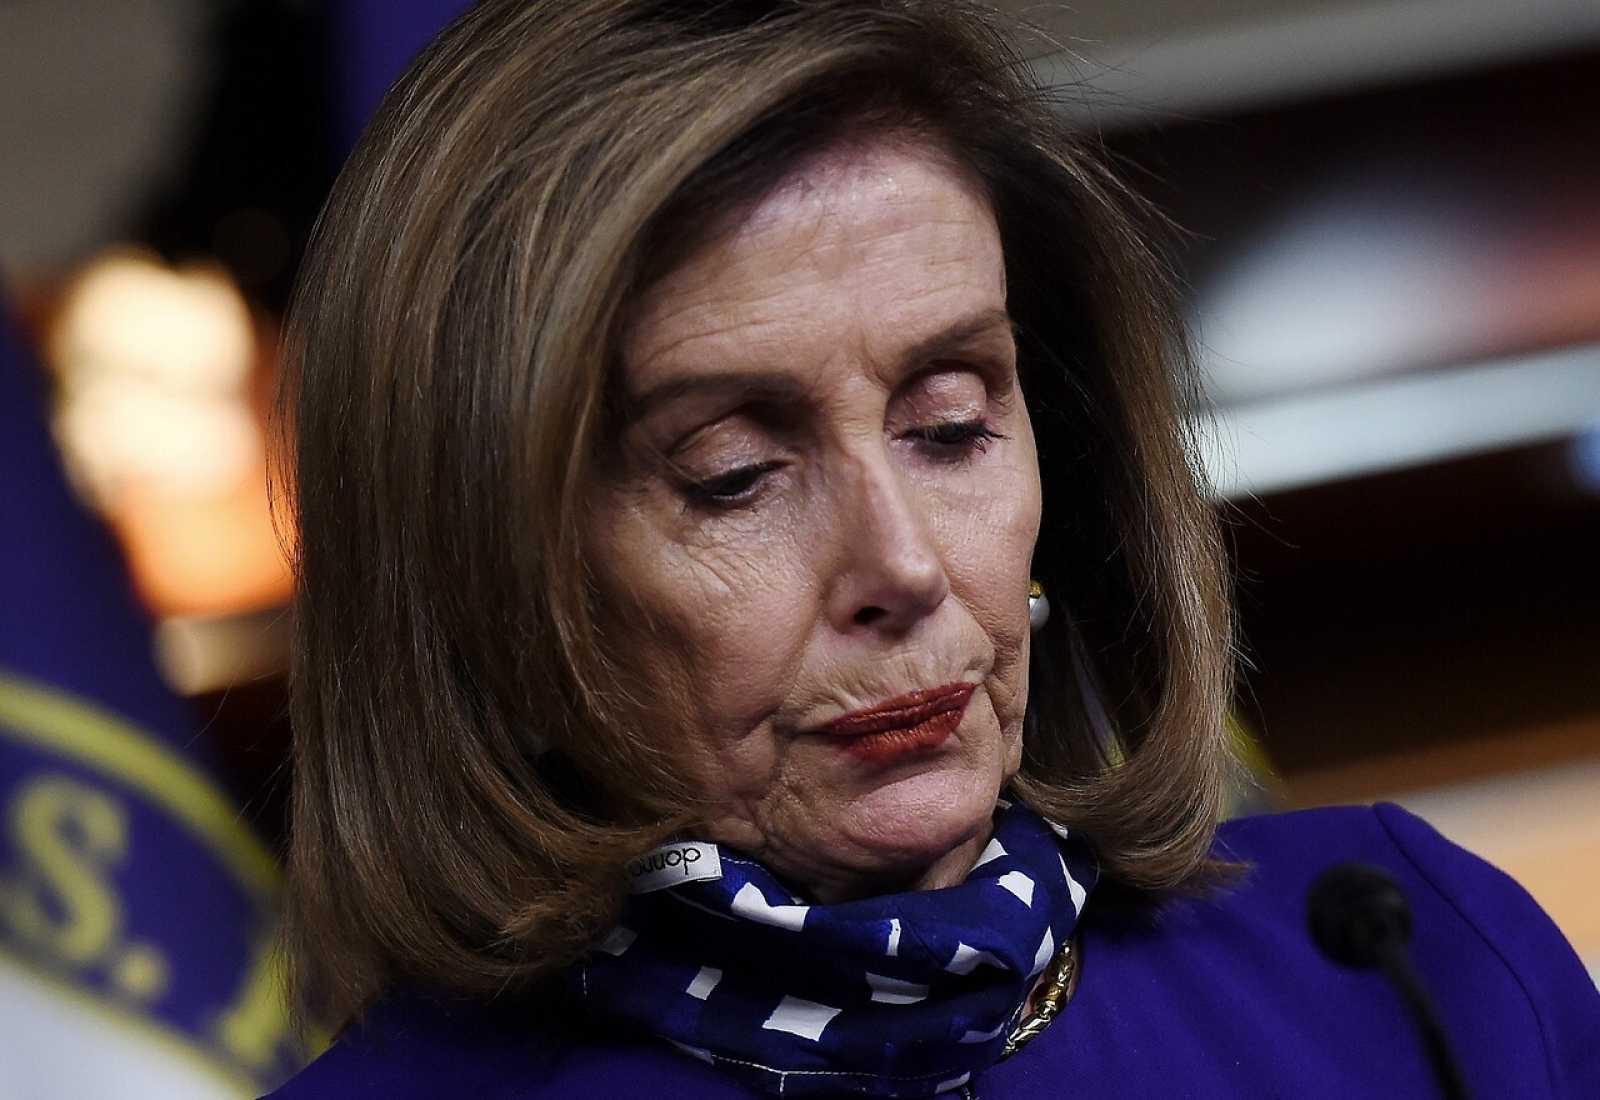 La presidenta de la Cámara de Representantes de los Estados Unidos, Nancy Pelosi.